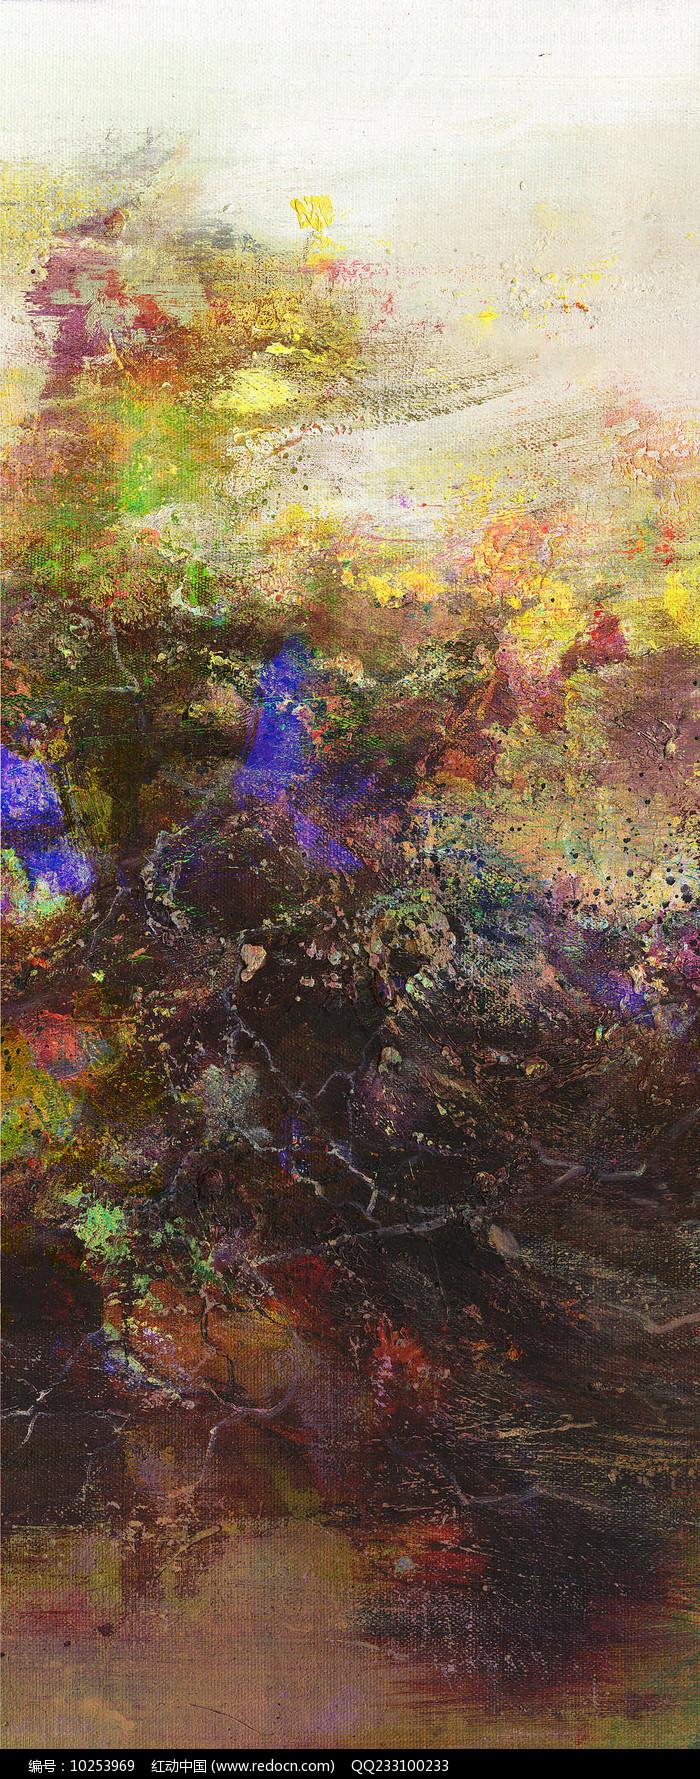 竖版抽象油画图片